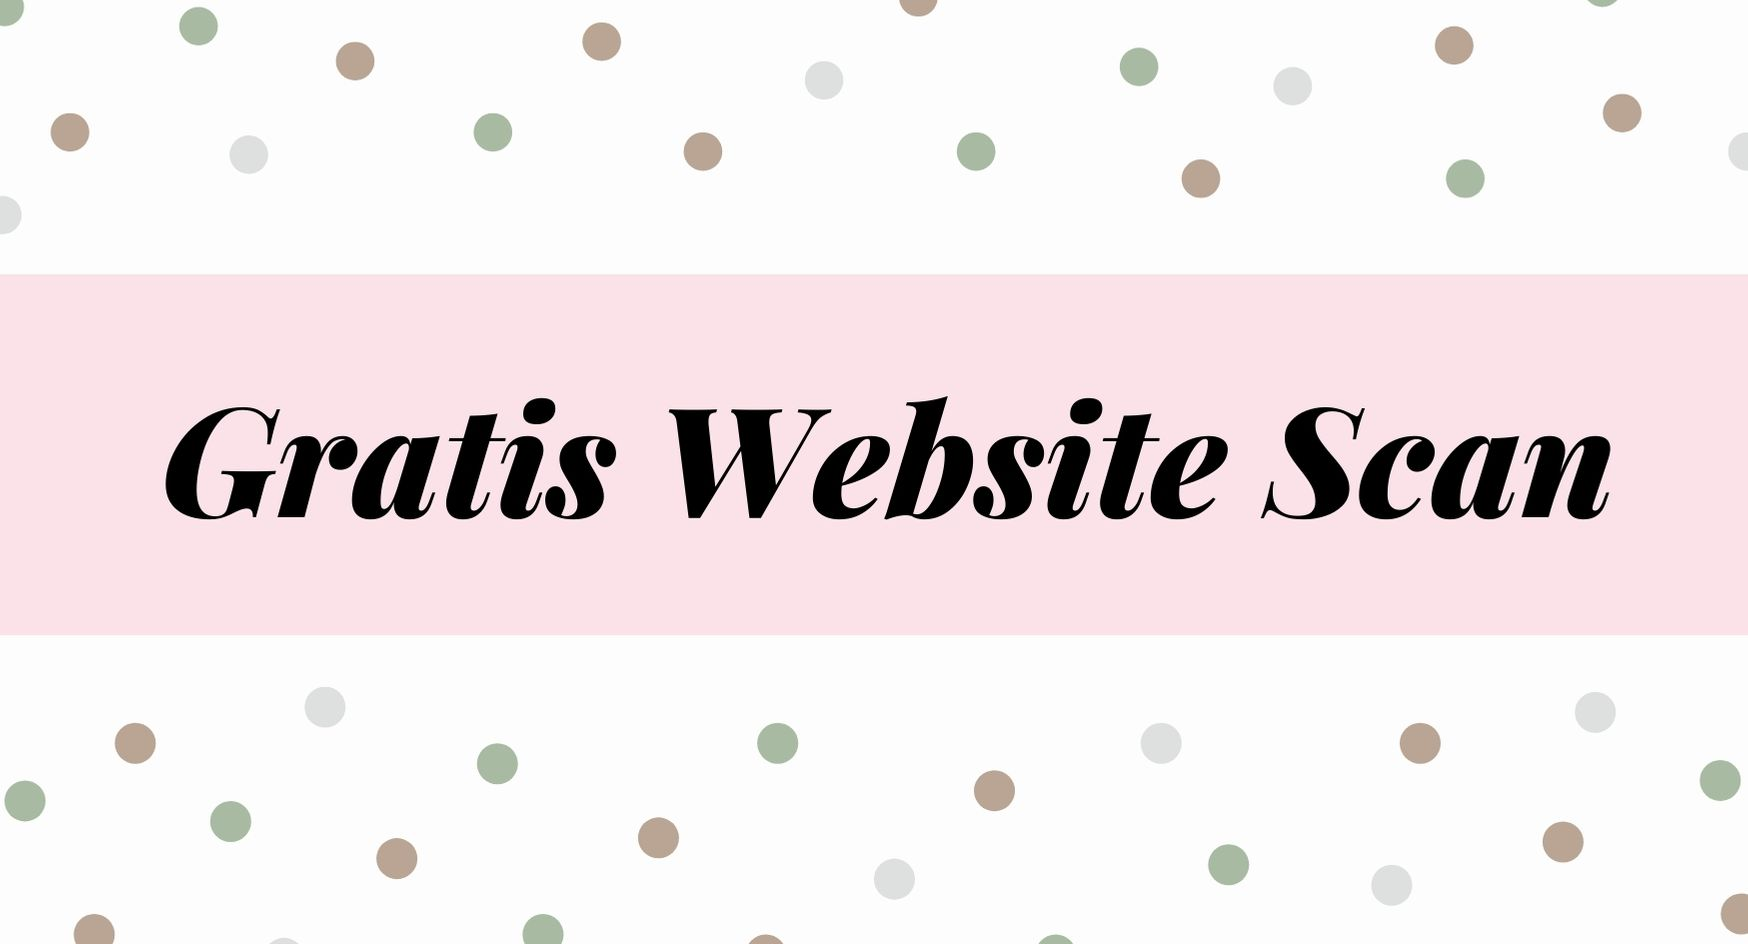 Gratis Website Scan Zwart